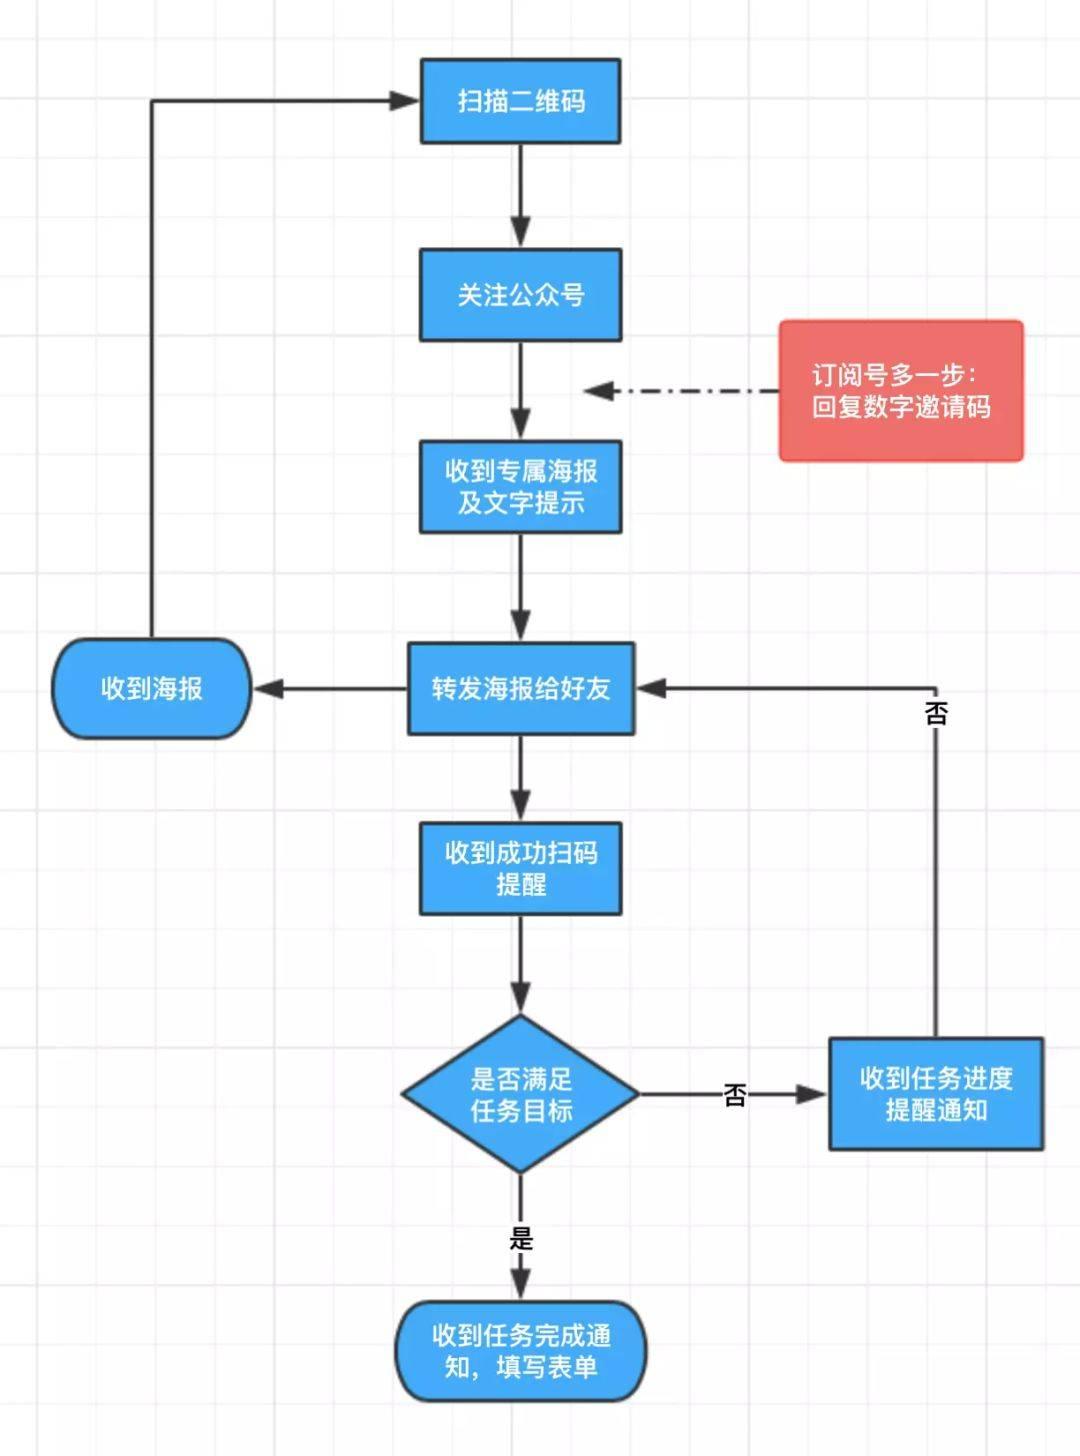 鸟哥笔记,新媒体运营,孙铭,运营规划,新媒体营销,用户增长